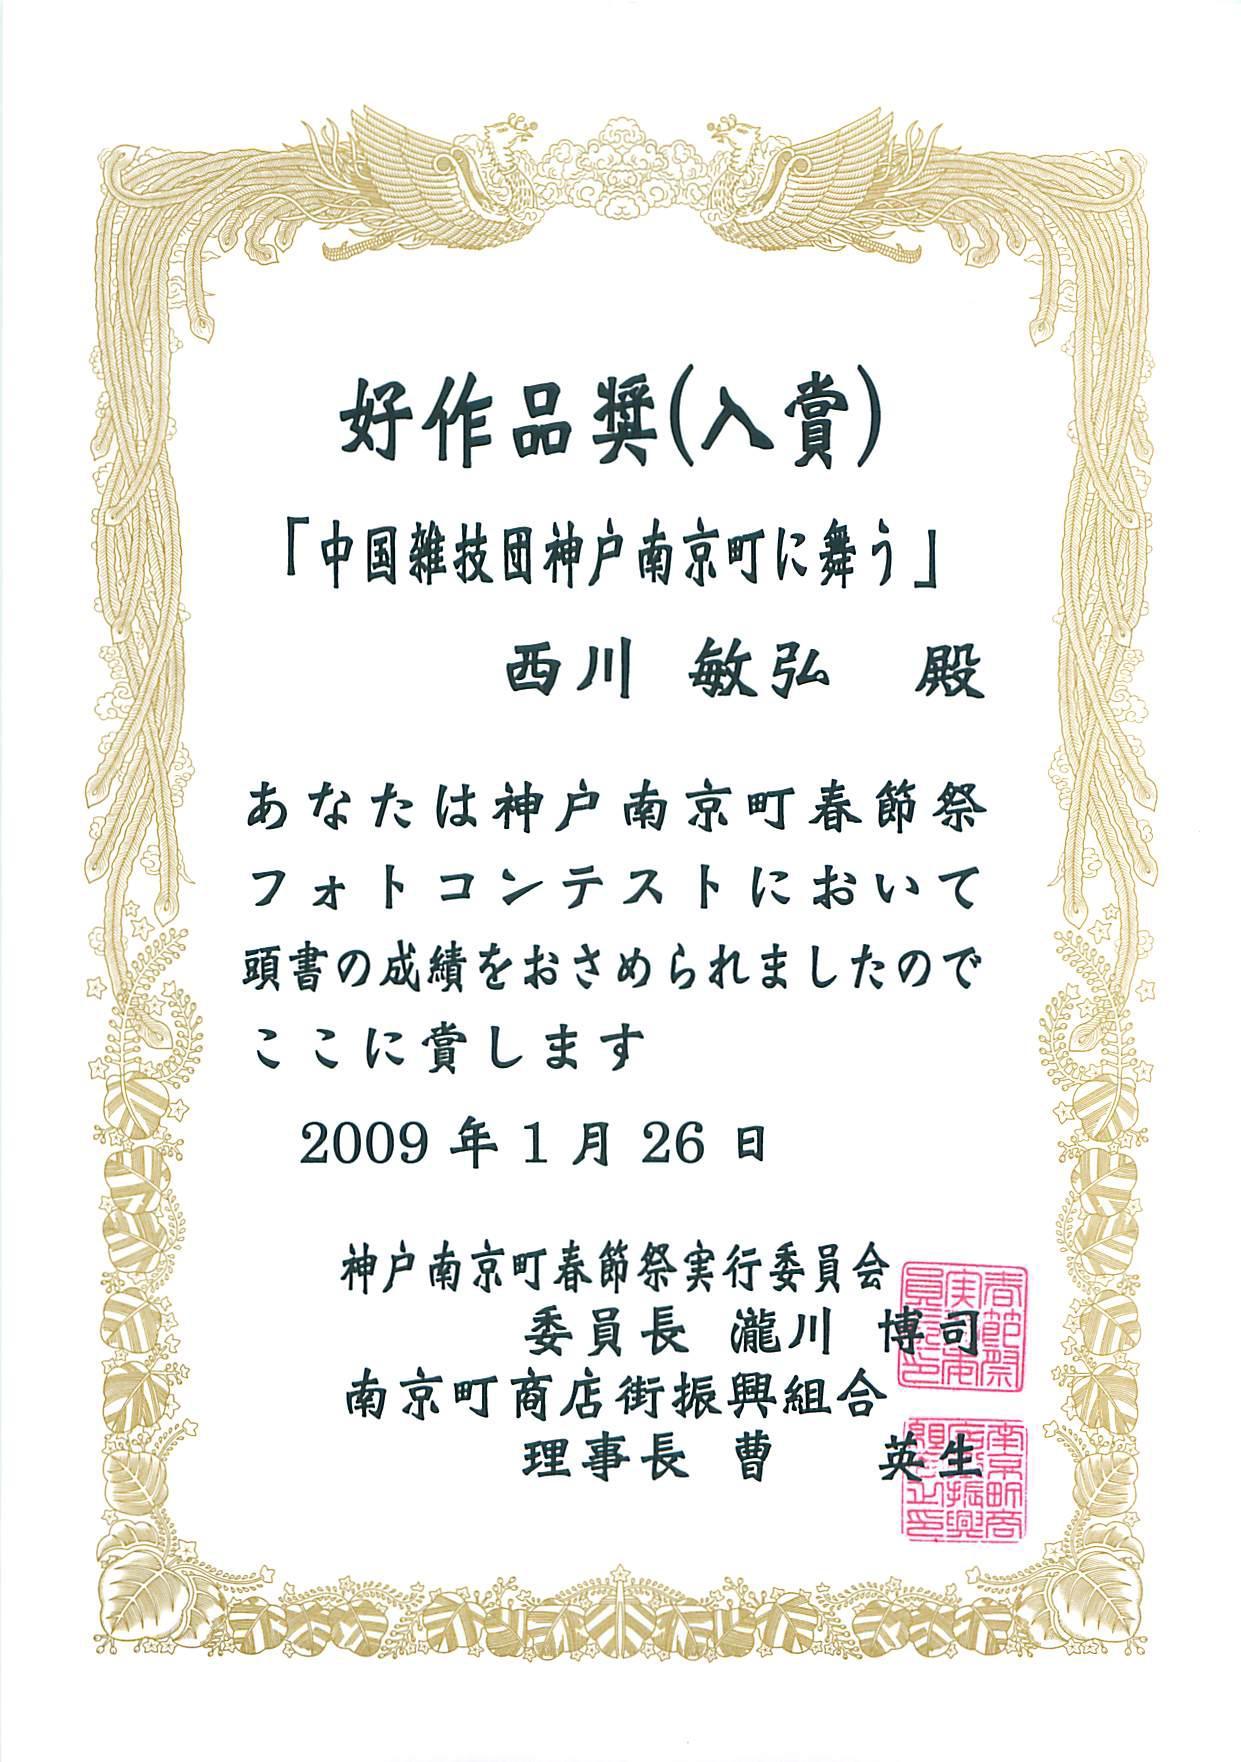 2009神戸南京町春節祭フォトコンテスト 好作品奨(ハオ・入賞)_a0288226_23265688.jpg